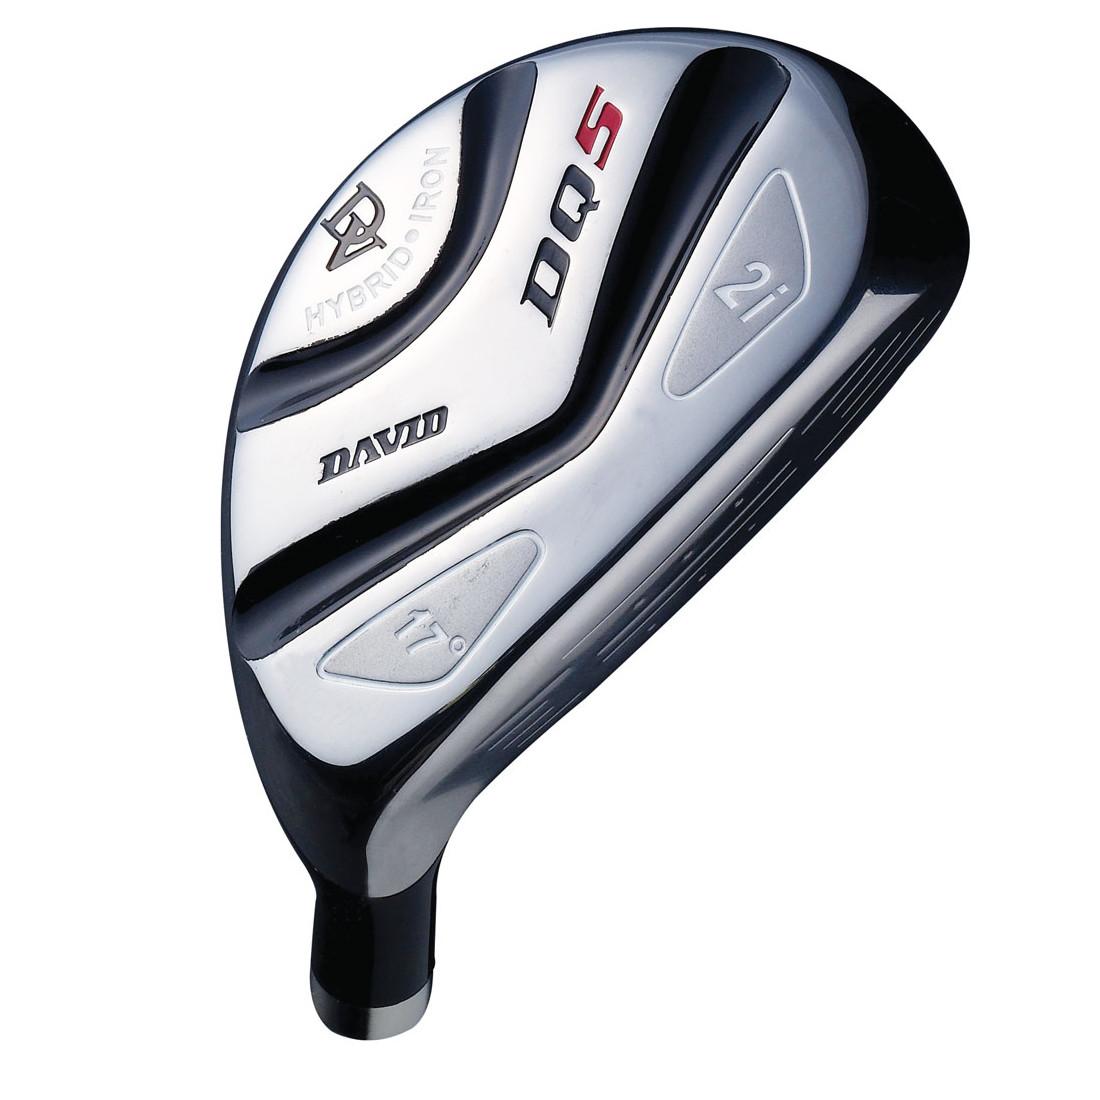 高爾夫球桿 DQ5 Hybrid鐵木桿-右打 (#2-17度/#3-20度/#4-23度/#5-26度)